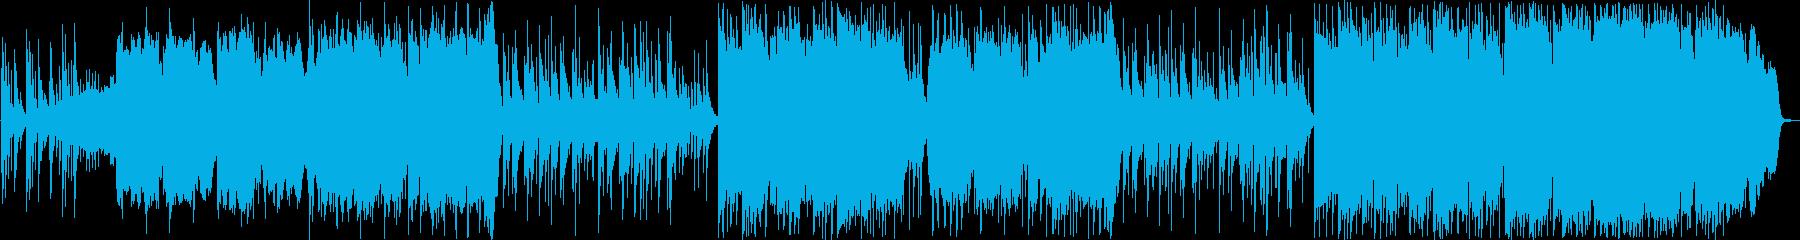 尺八・箏メインのゆったりした和風楽曲の再生済みの波形